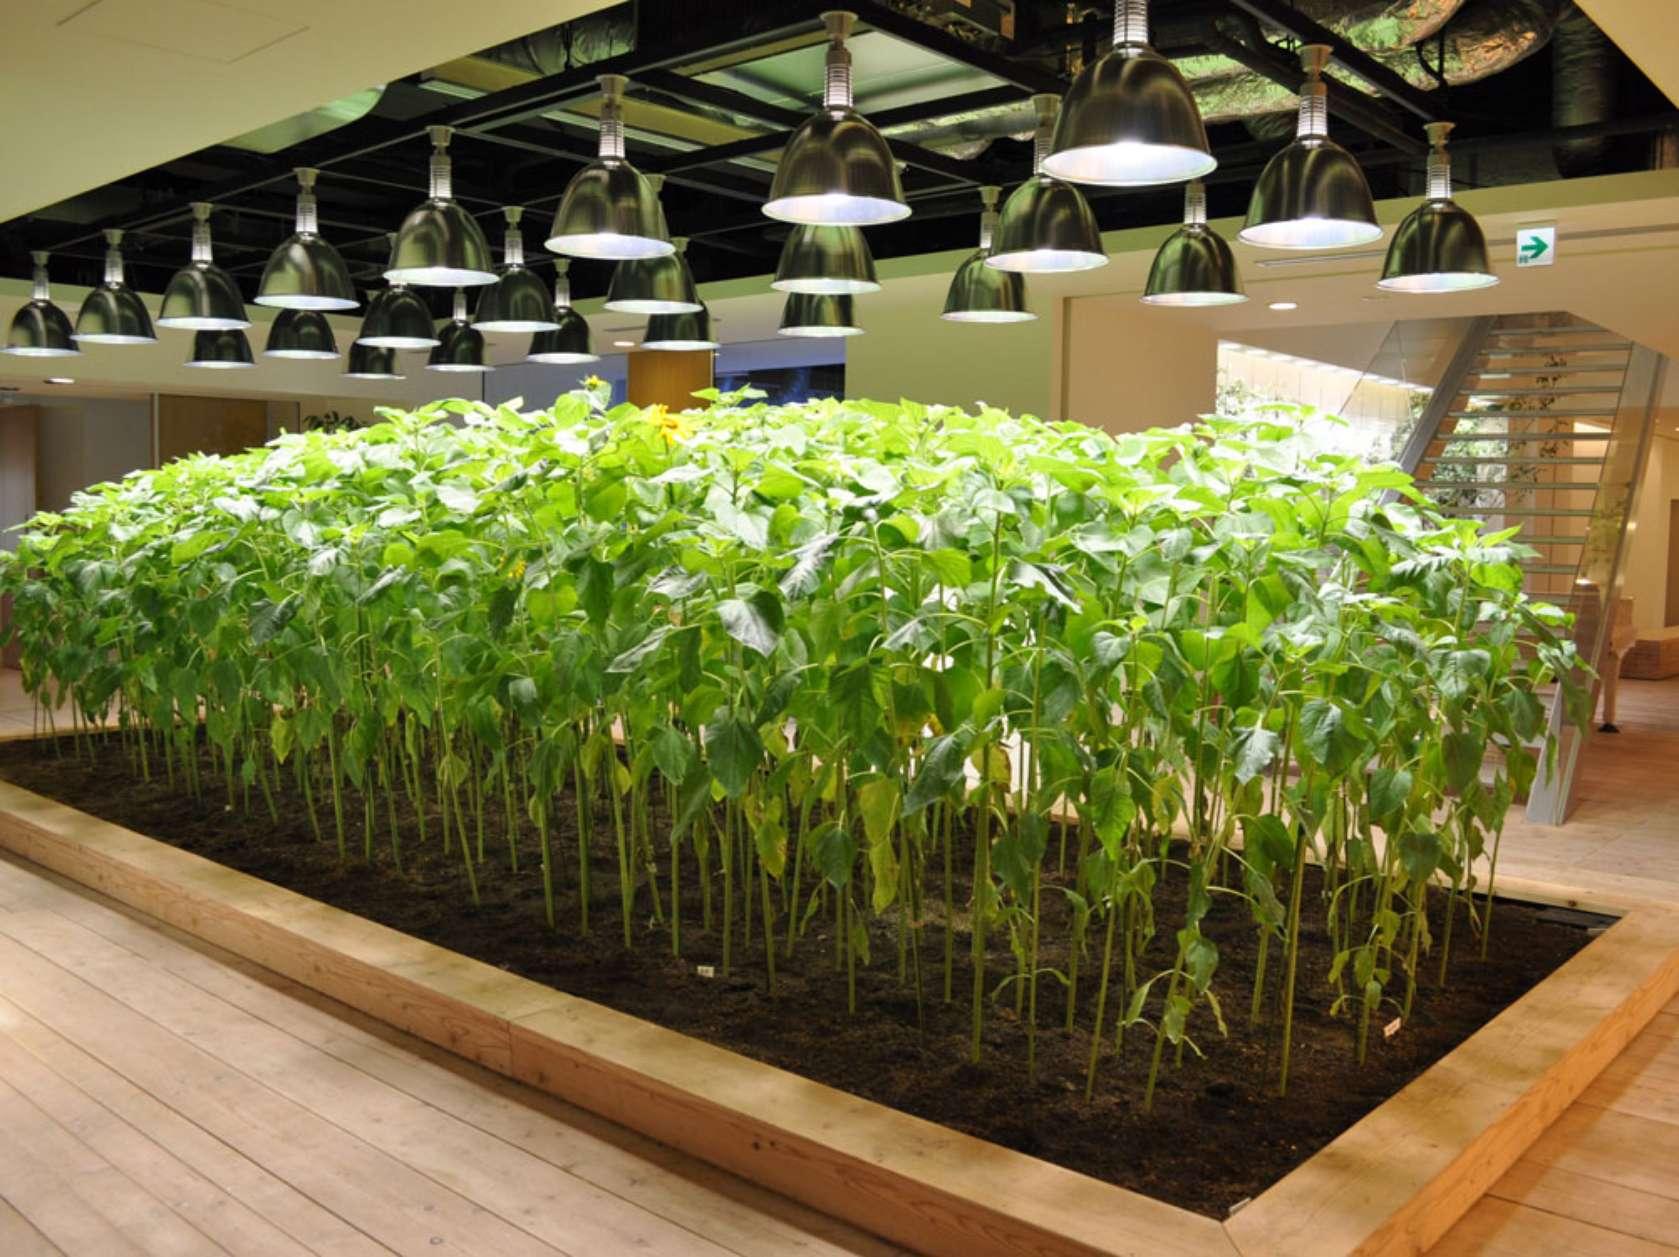 מיטות גידול מפוזרות ברחבי בניין המשרדים והחווה האורבנית